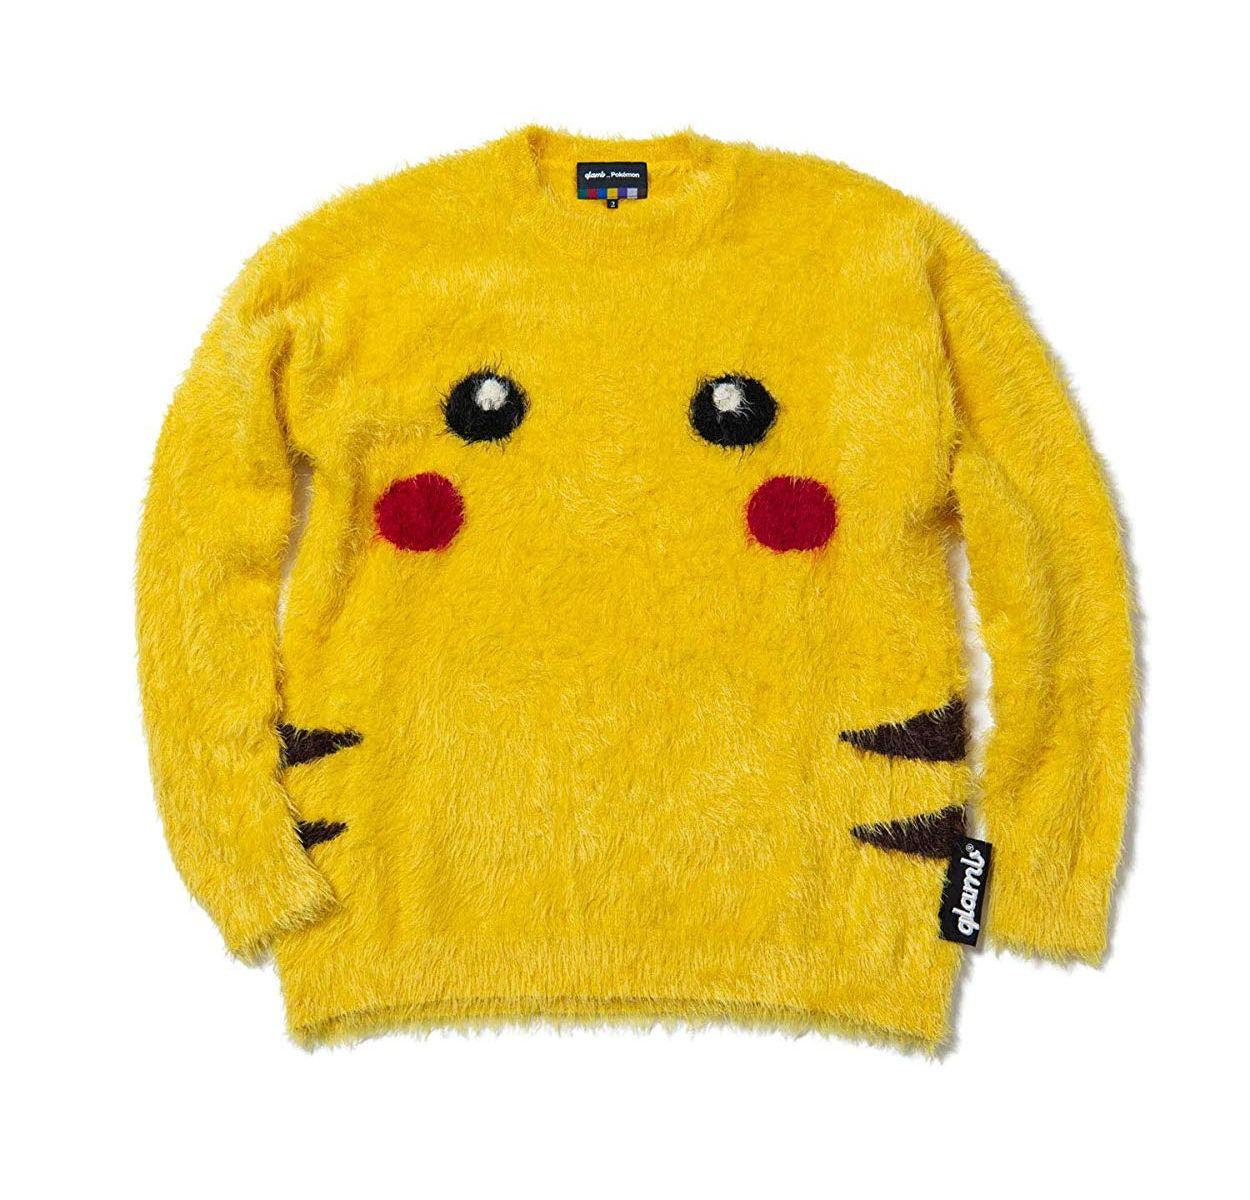 (グラム) glamb Pikachu knit/ピカチュウニット GB0119/PK15